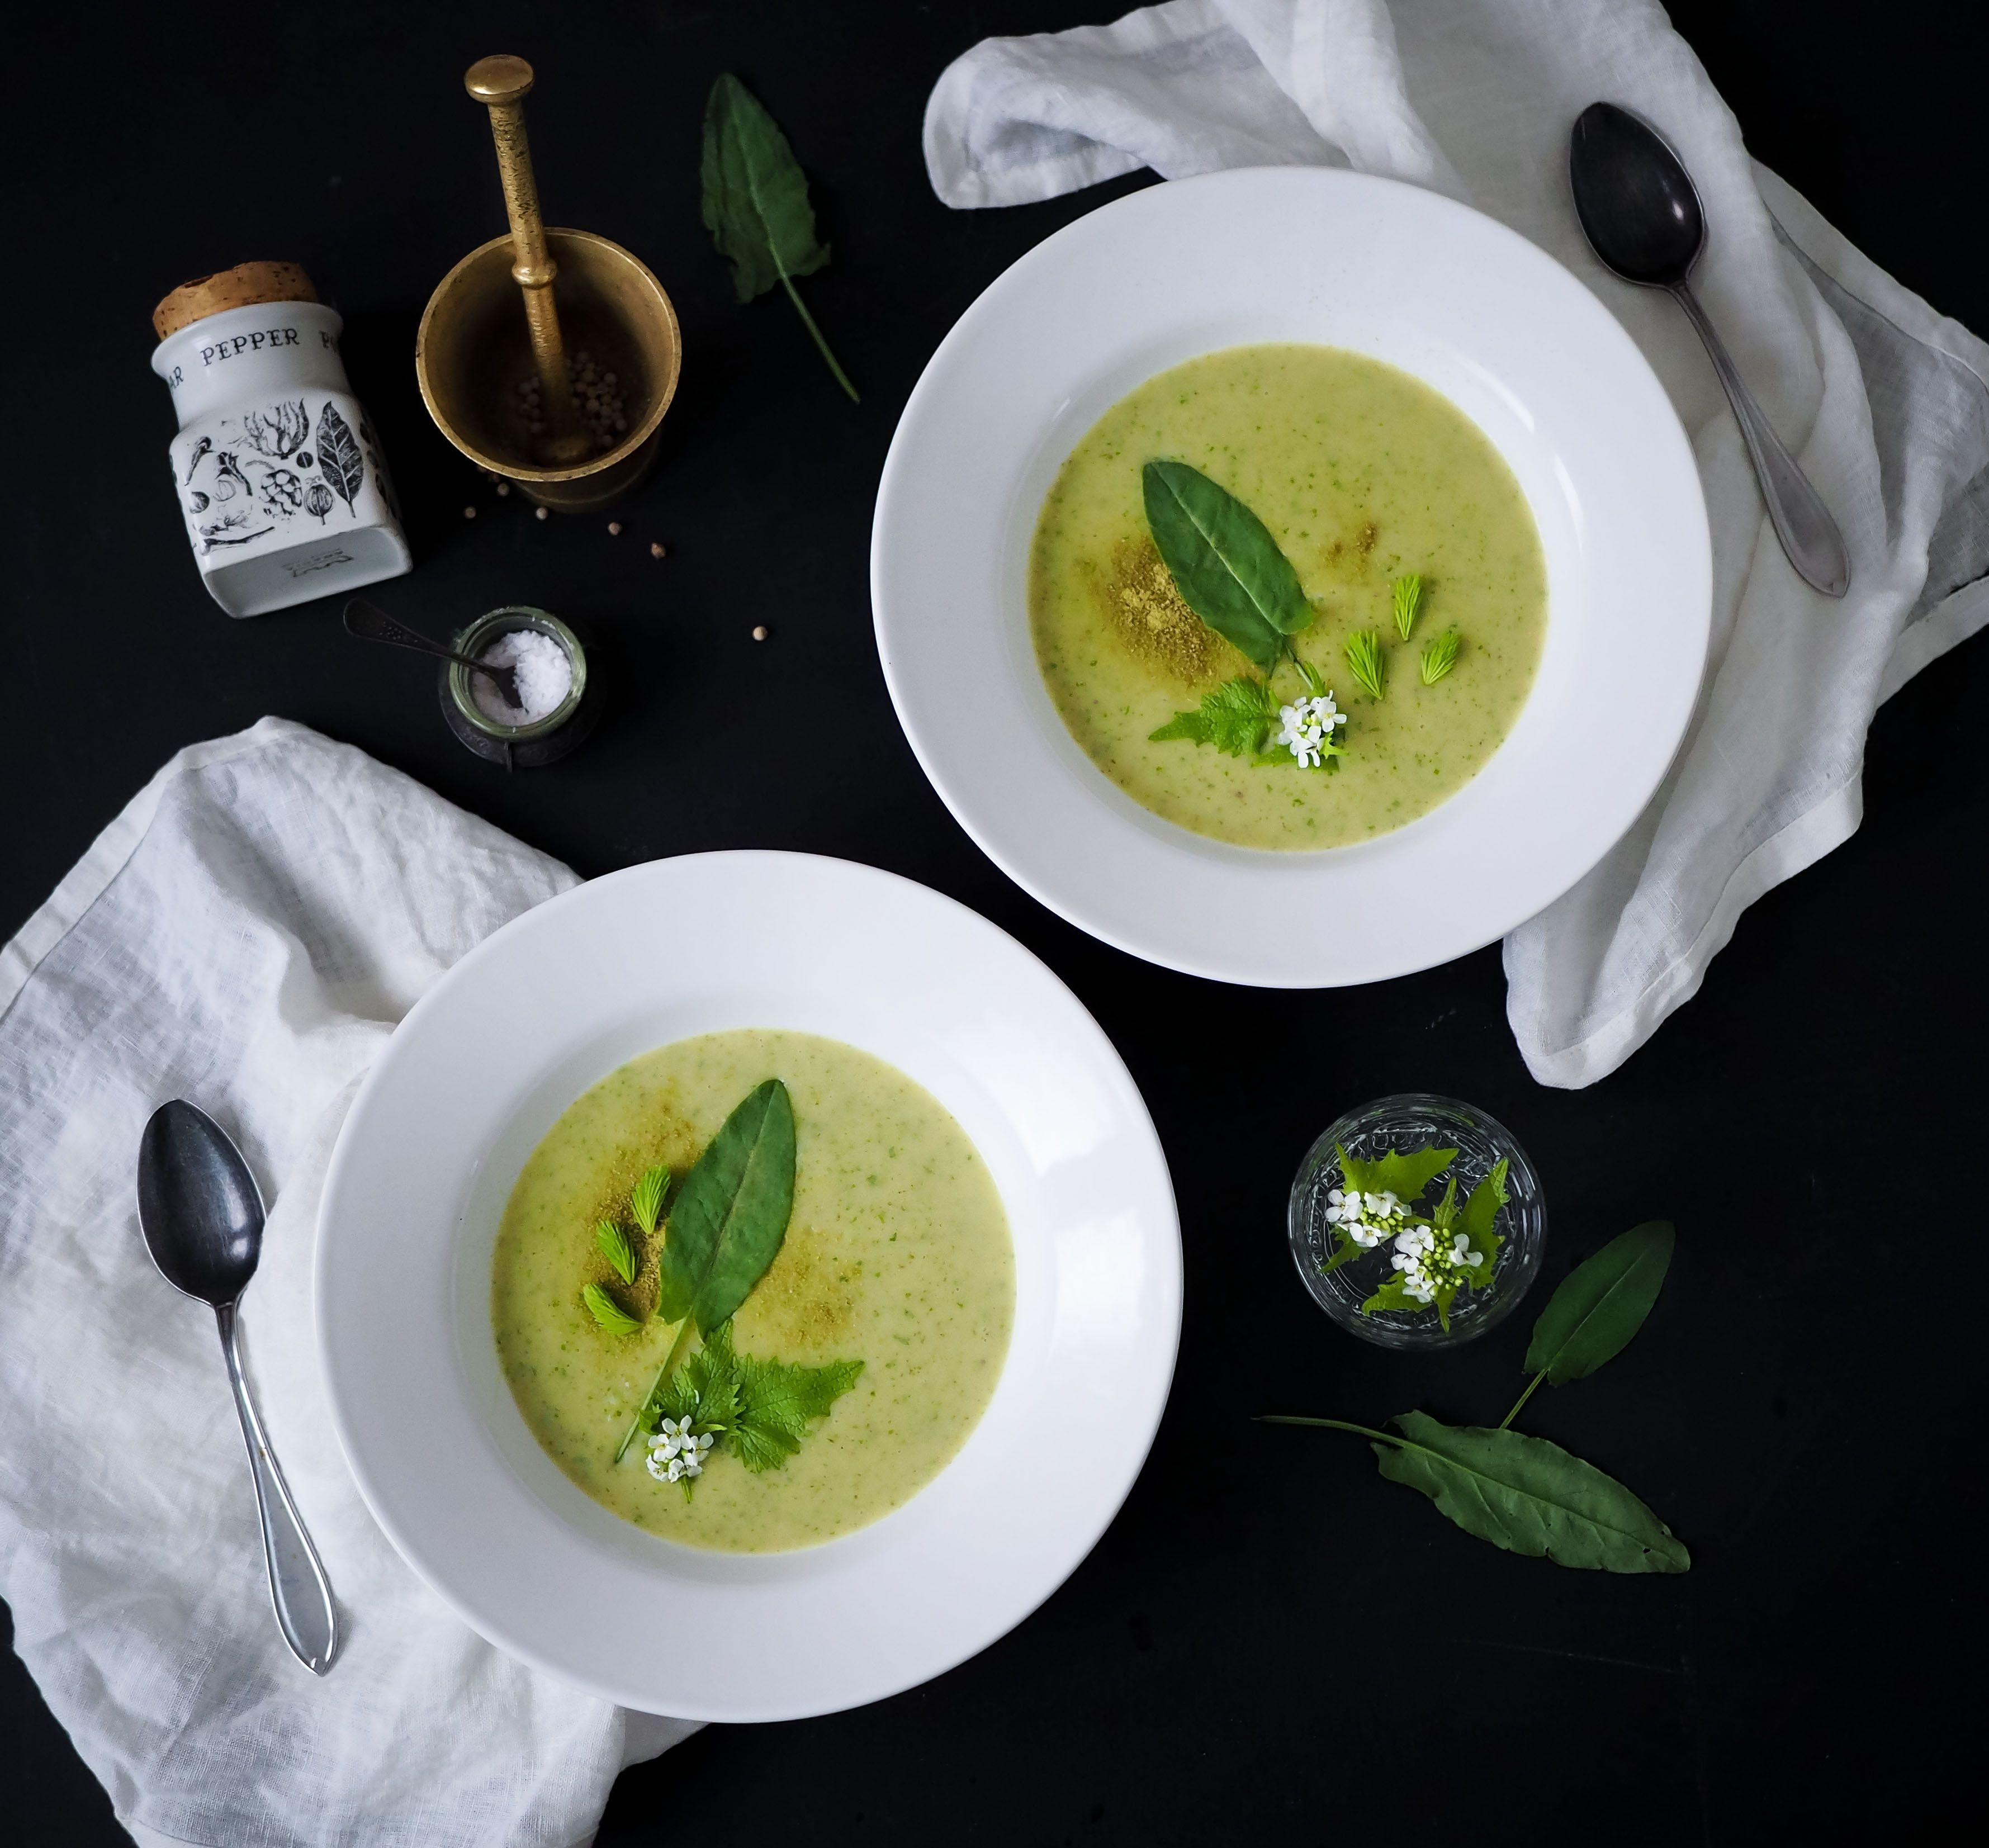 Vichyssoise - eli kotoisammin purjo-perunasosekeitto - maustettuna villiyrteillä on edullisinta luksusruokaa mitä just nyt voi syödä. Metsän kautta pöytään!